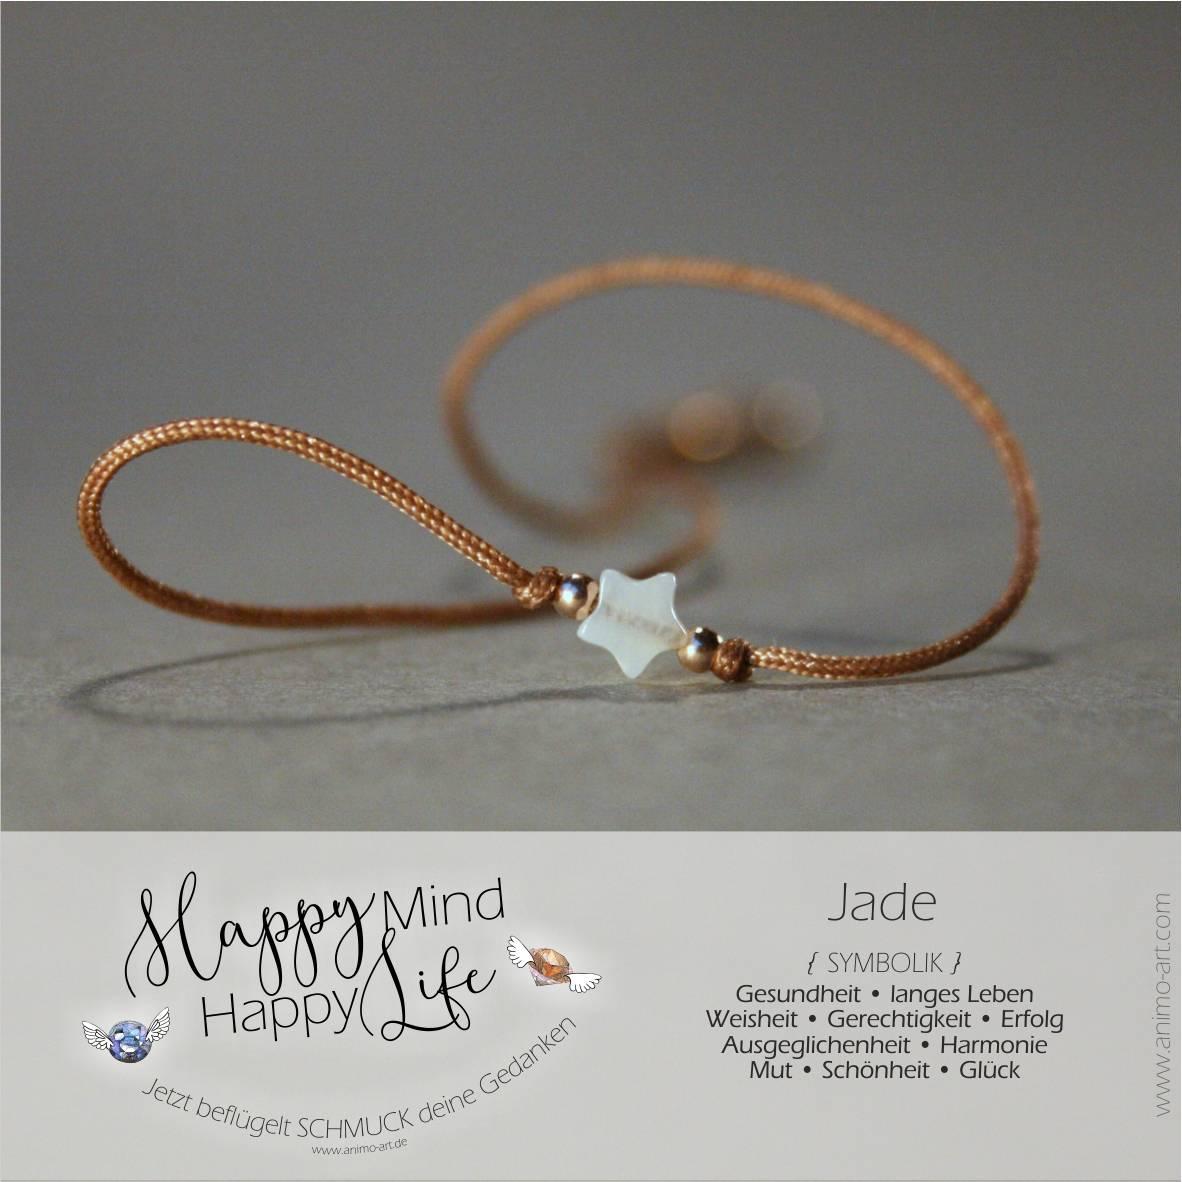 Jade Bedeutung, Armband mit Jade-Edelstein in weiß, Happy Mind Happy Life